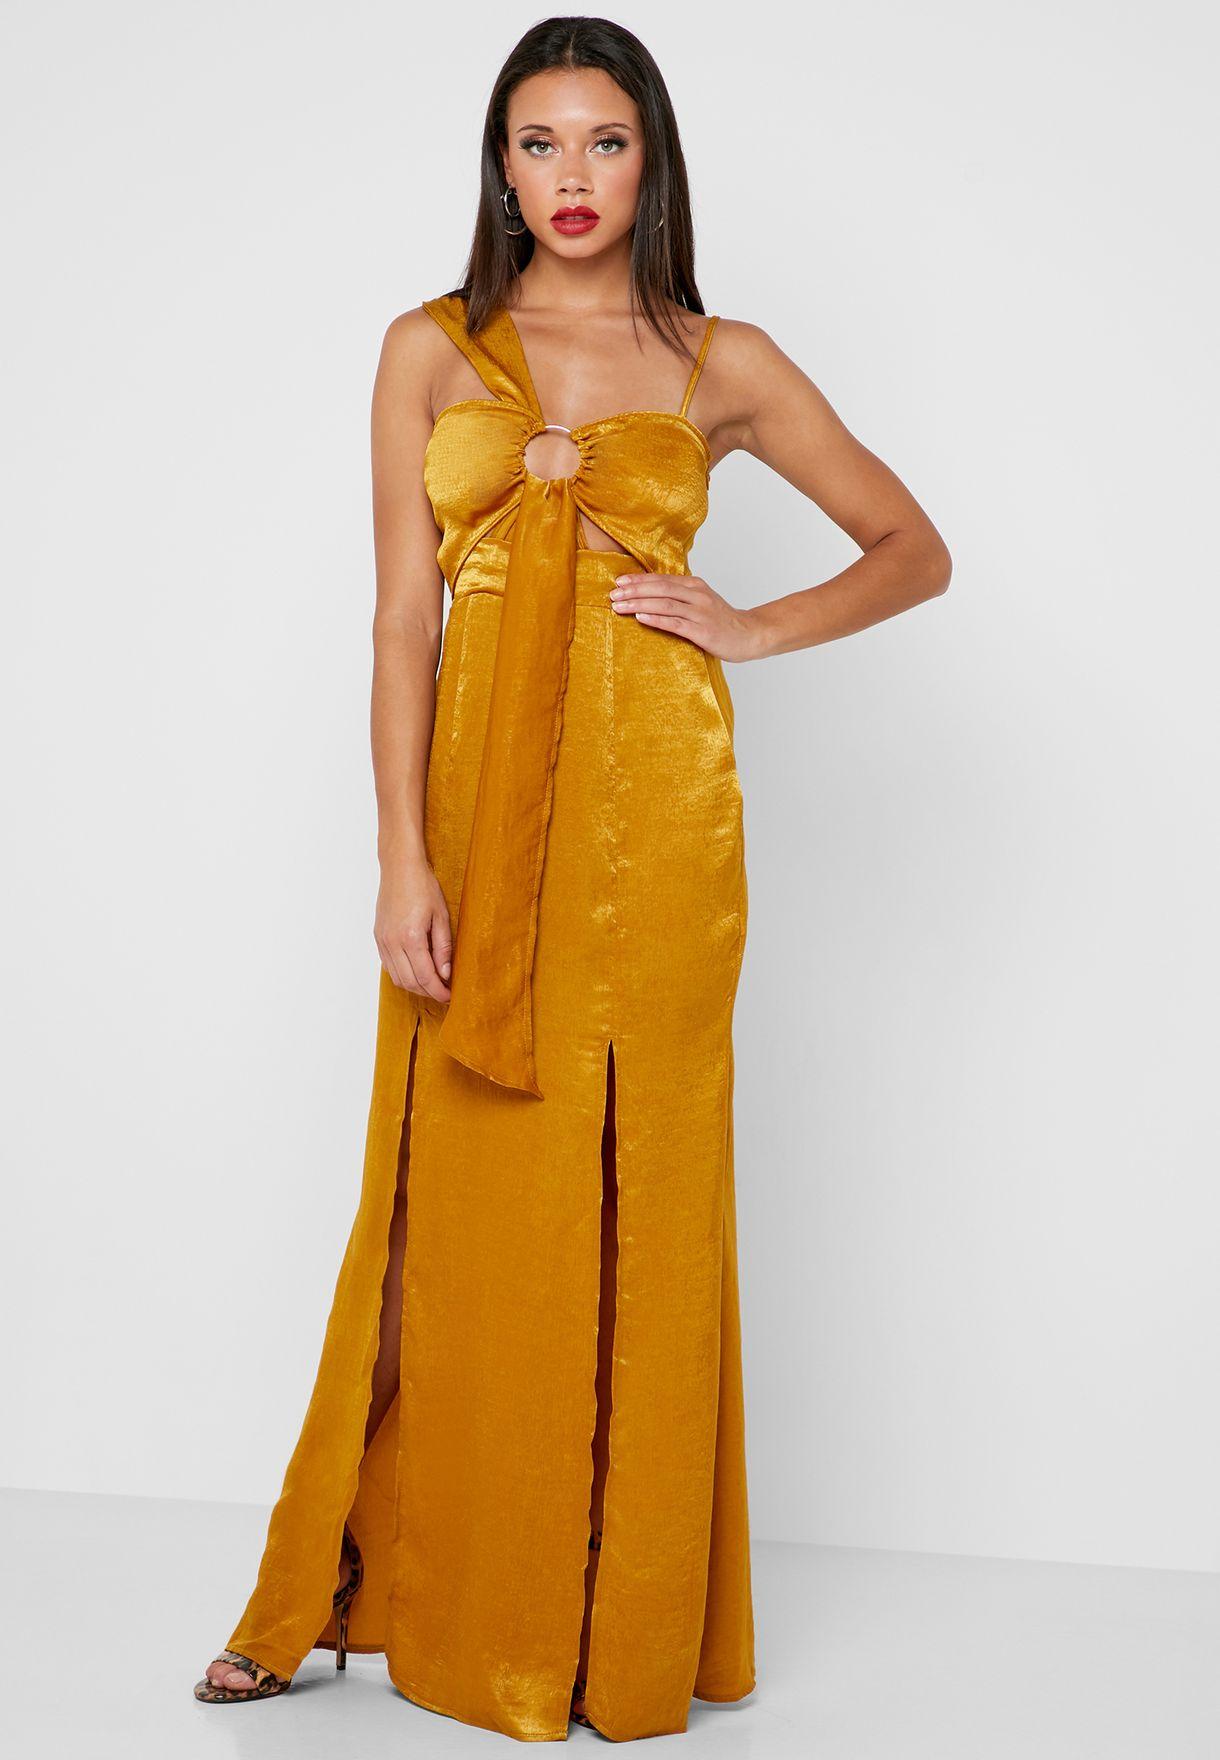 فستان بشقان جانبيان